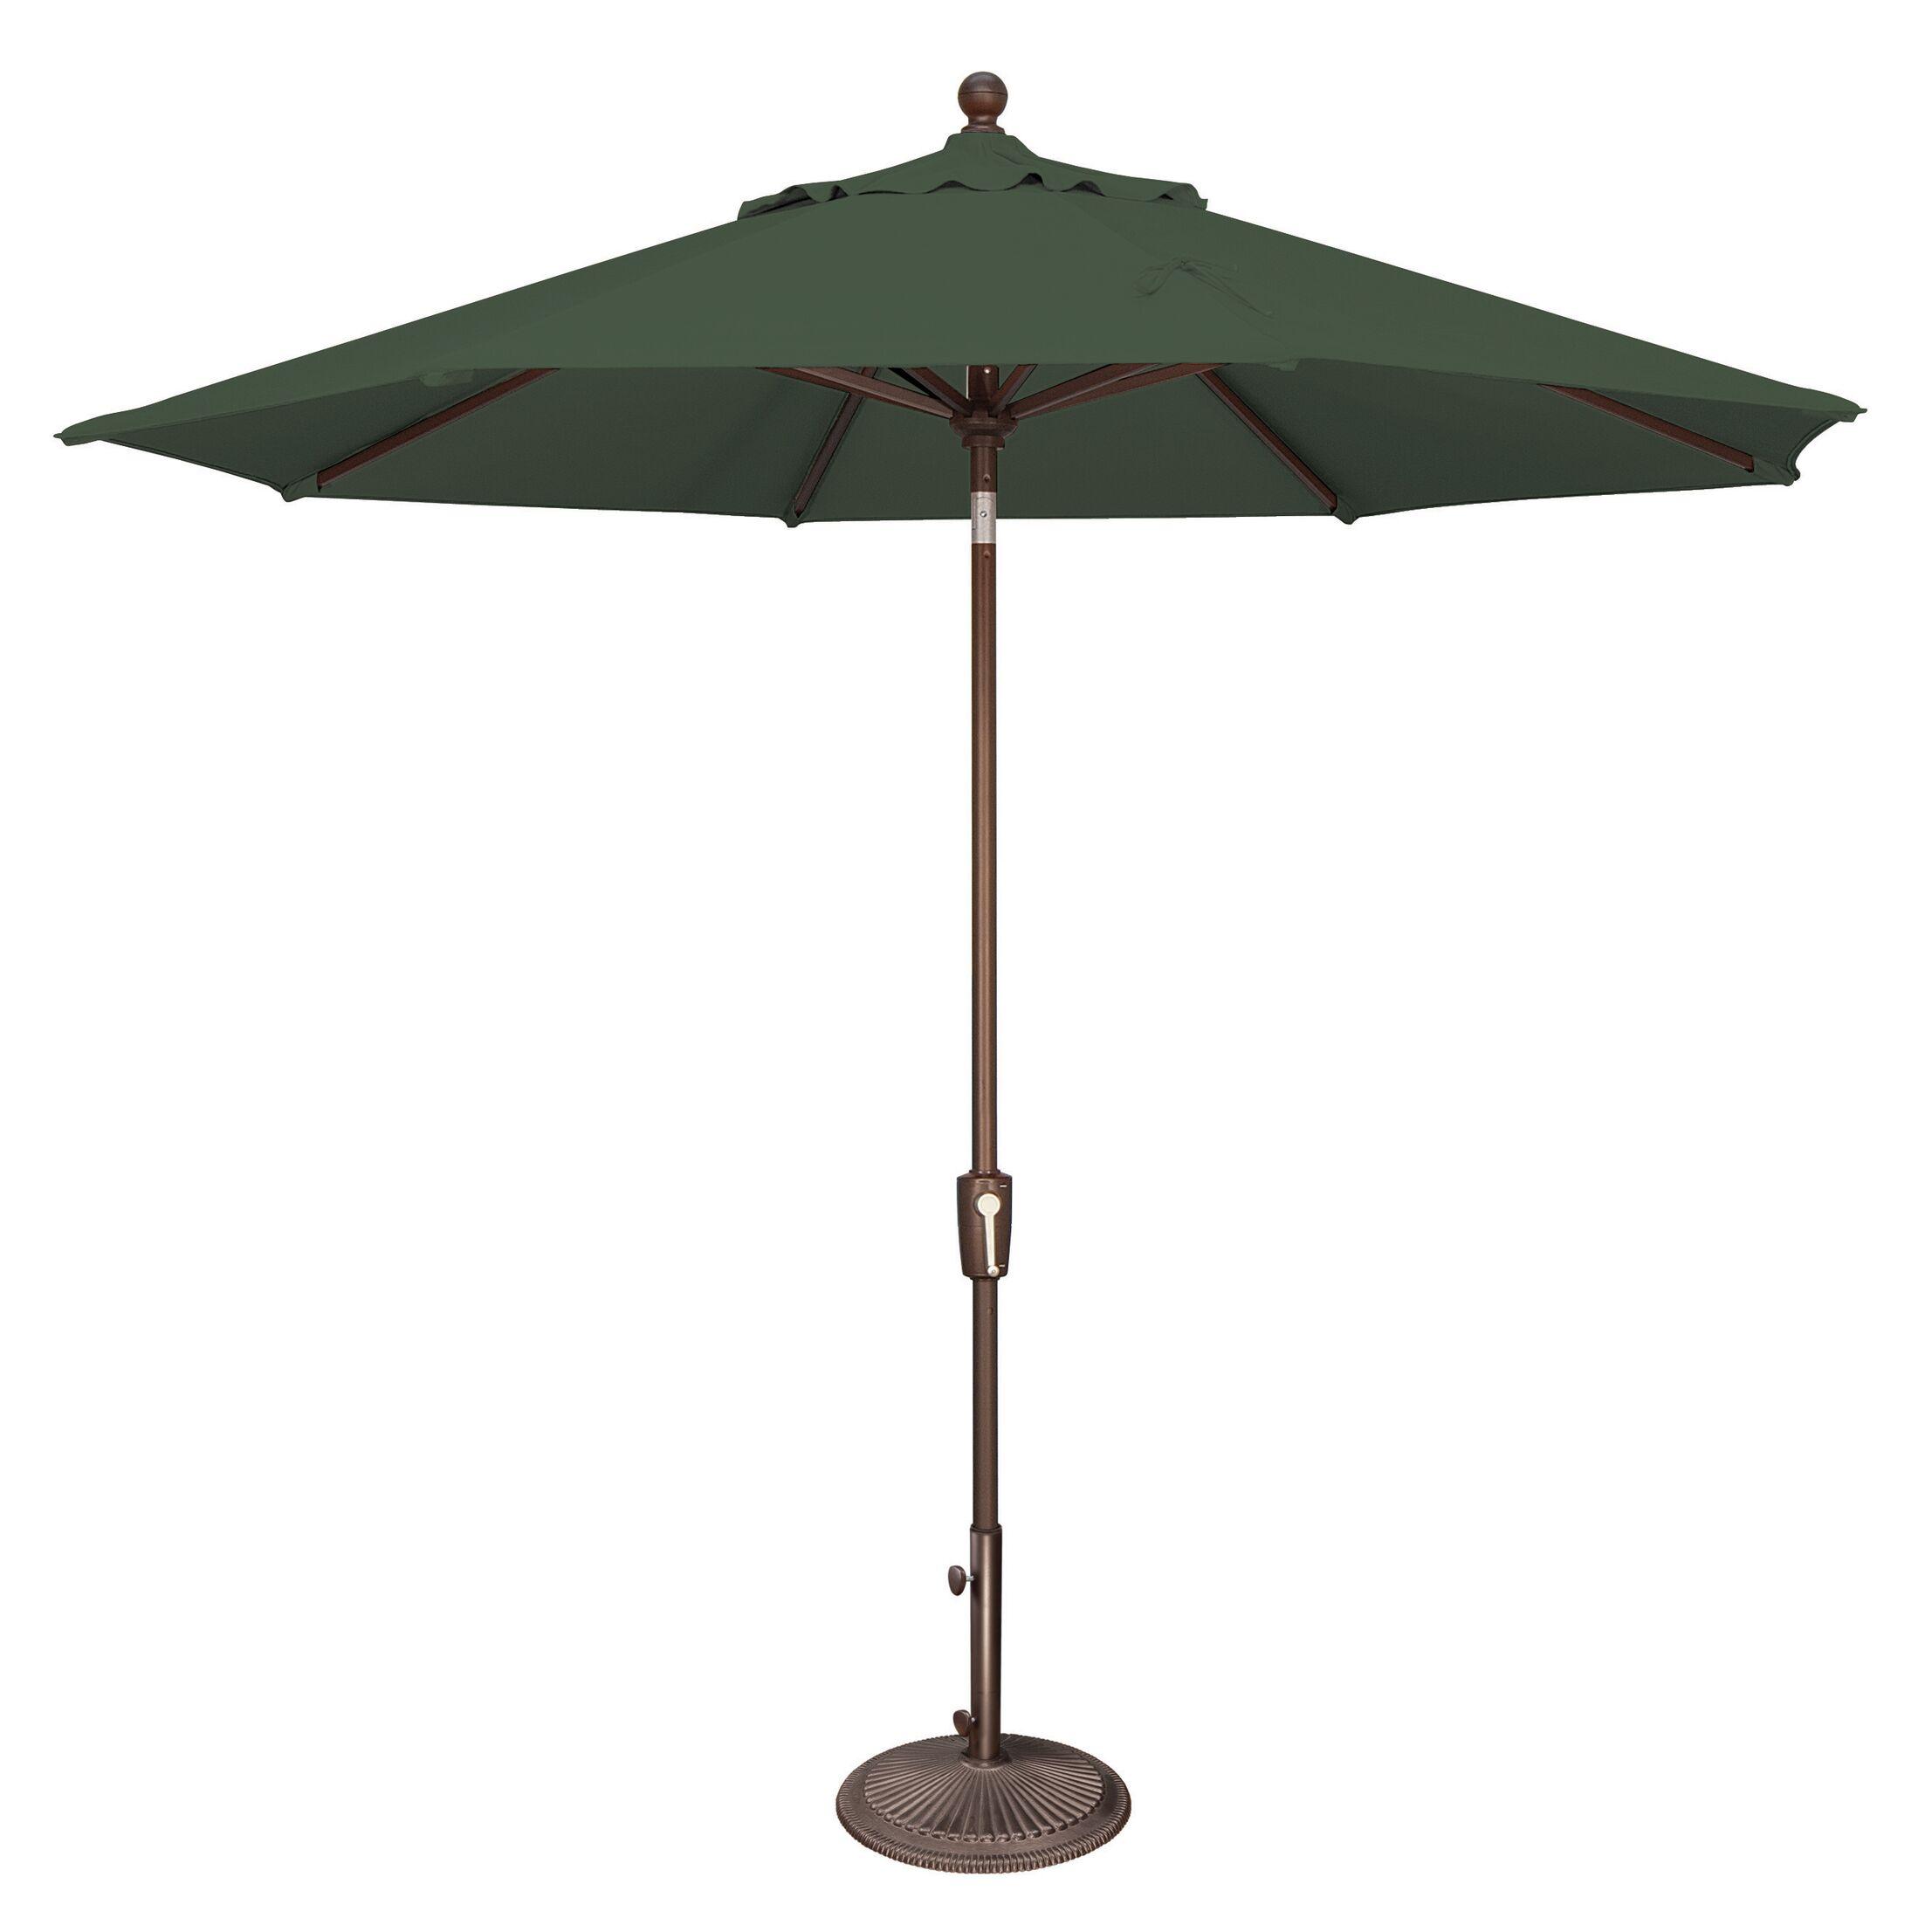 Catalina 9' Market Umbrella Fabric Color: Sunbrella / Forest Green